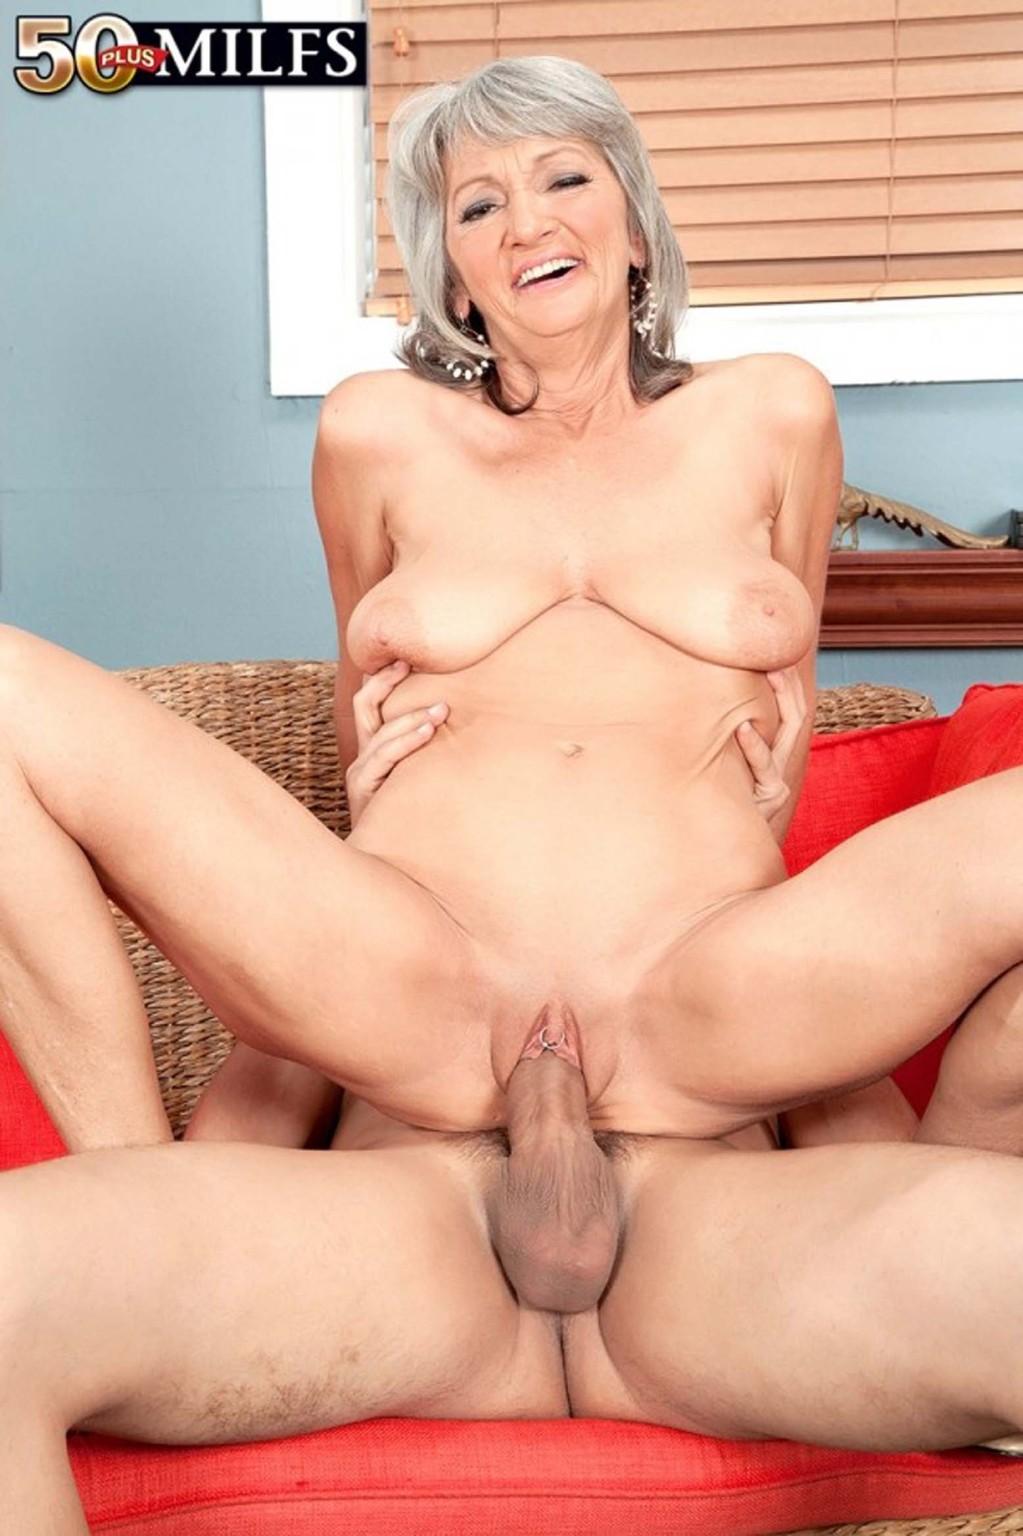 Porn Women Over 50